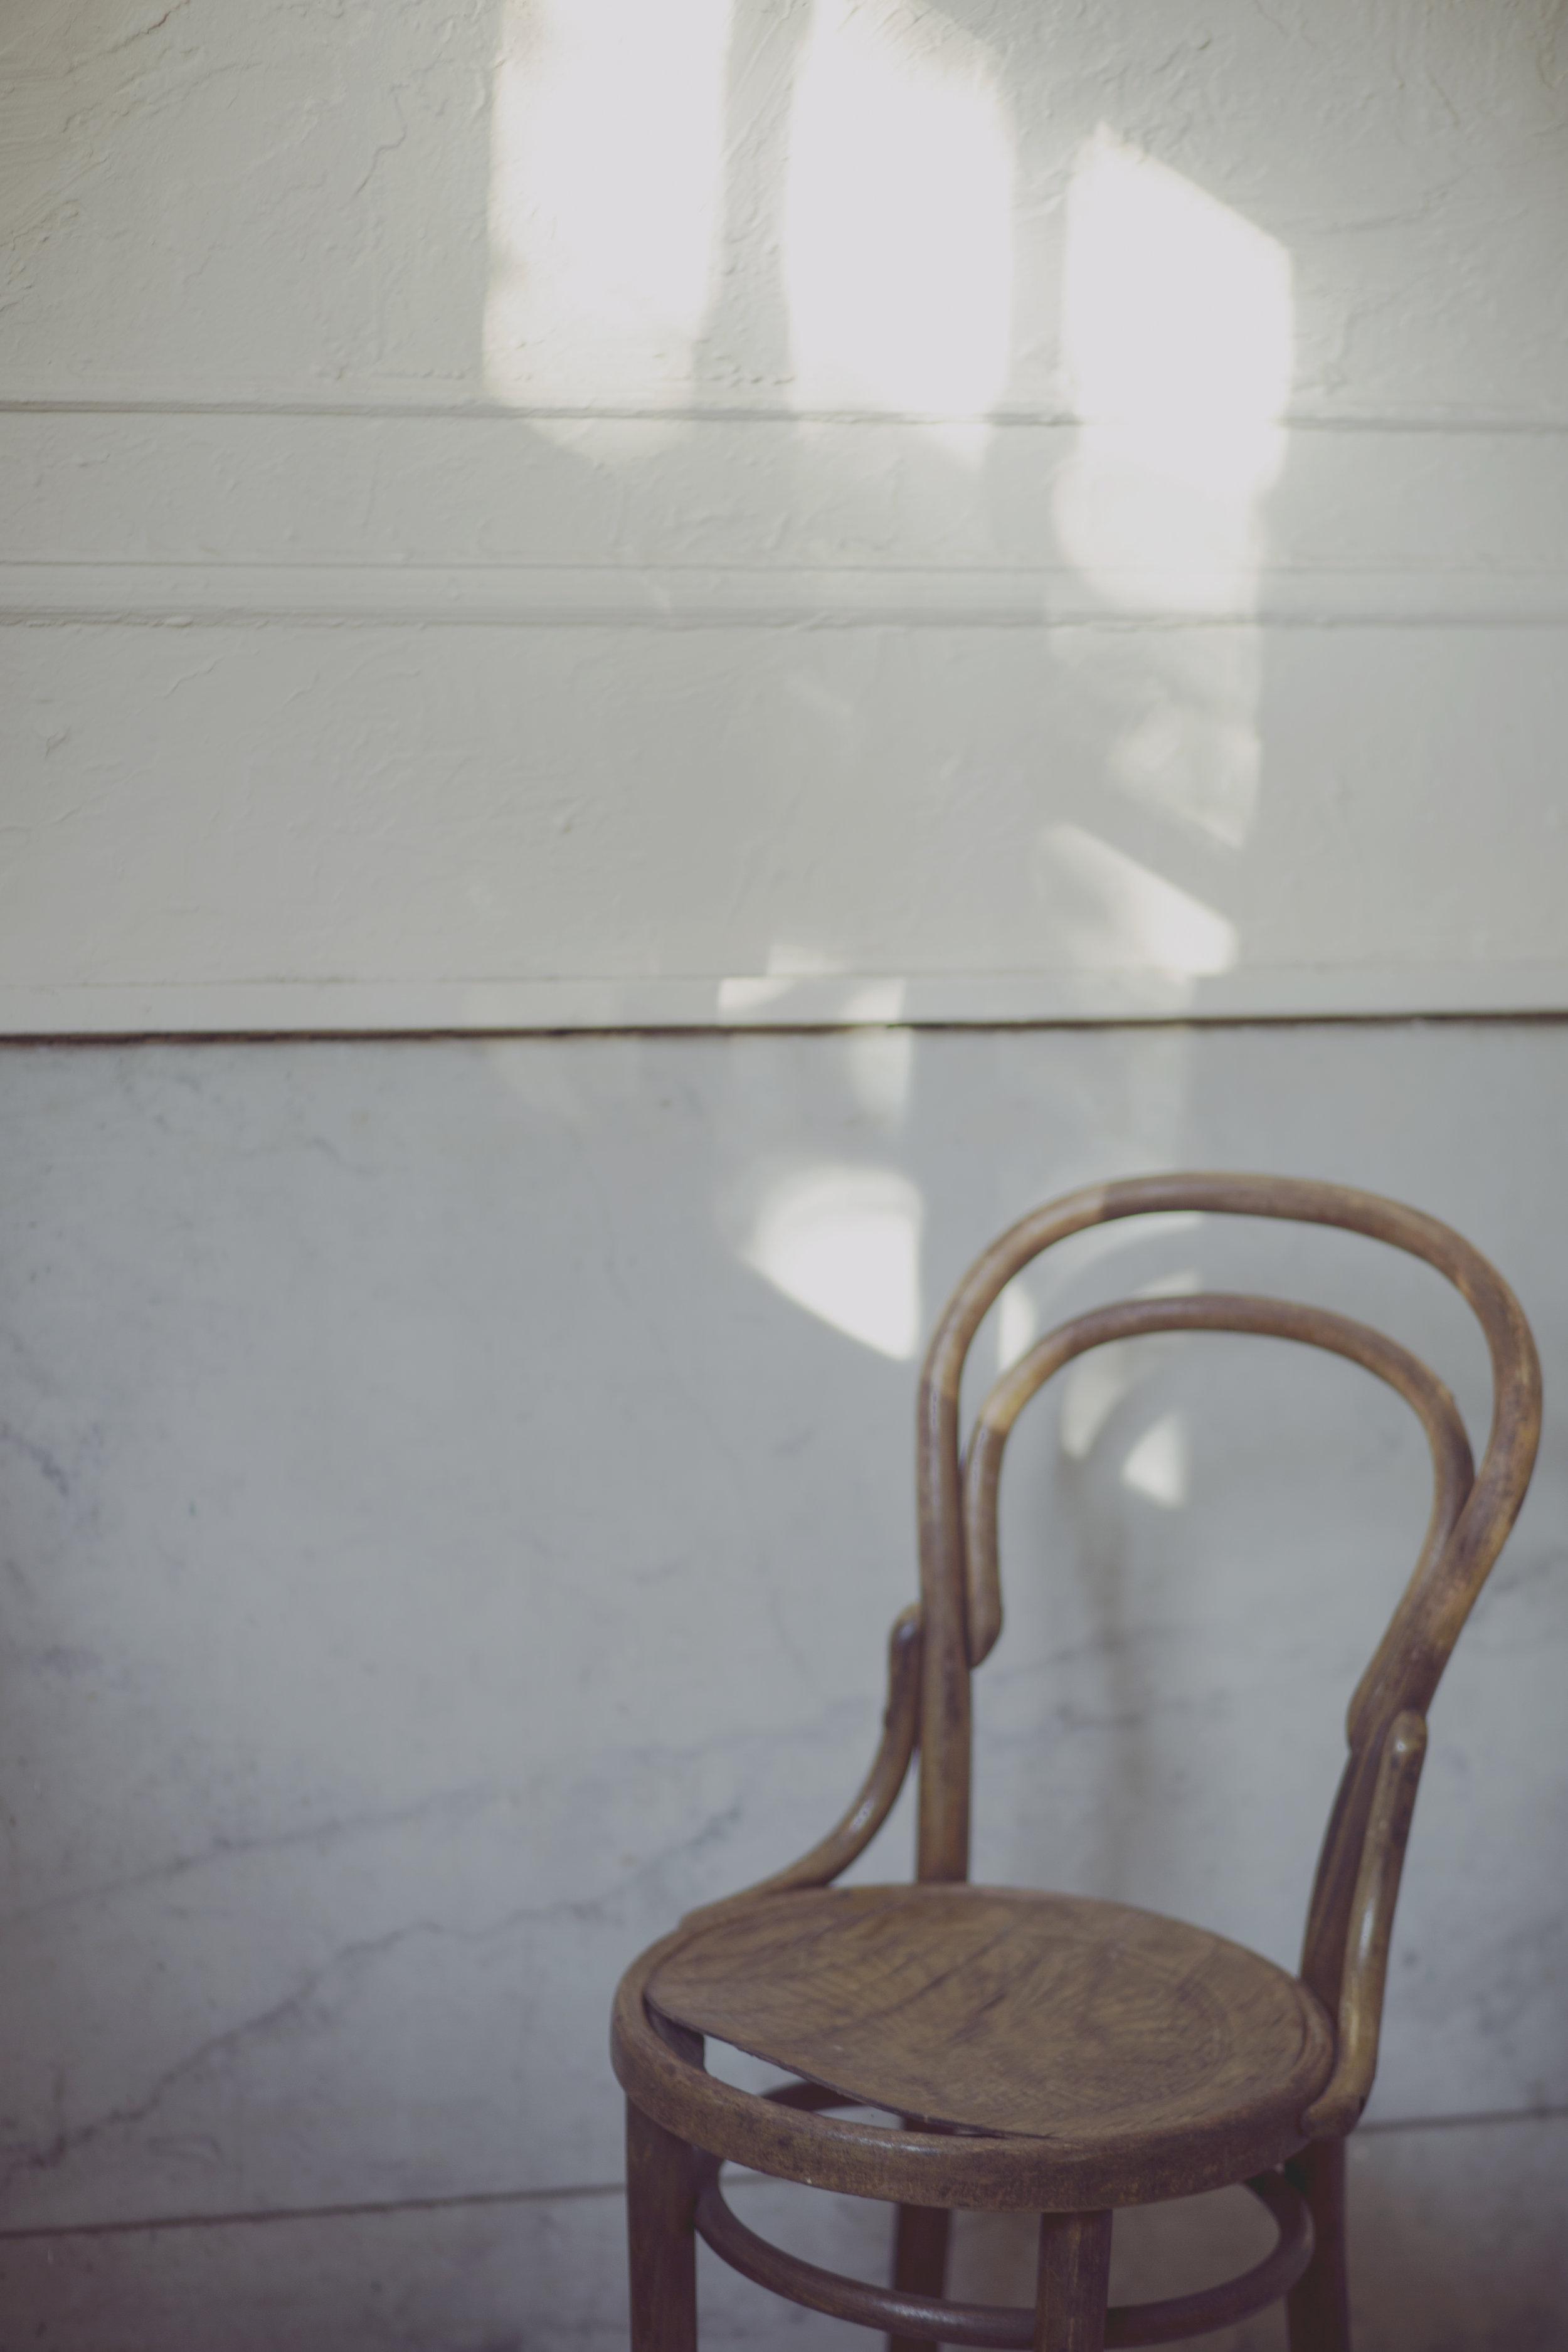 chaise 4.jpg